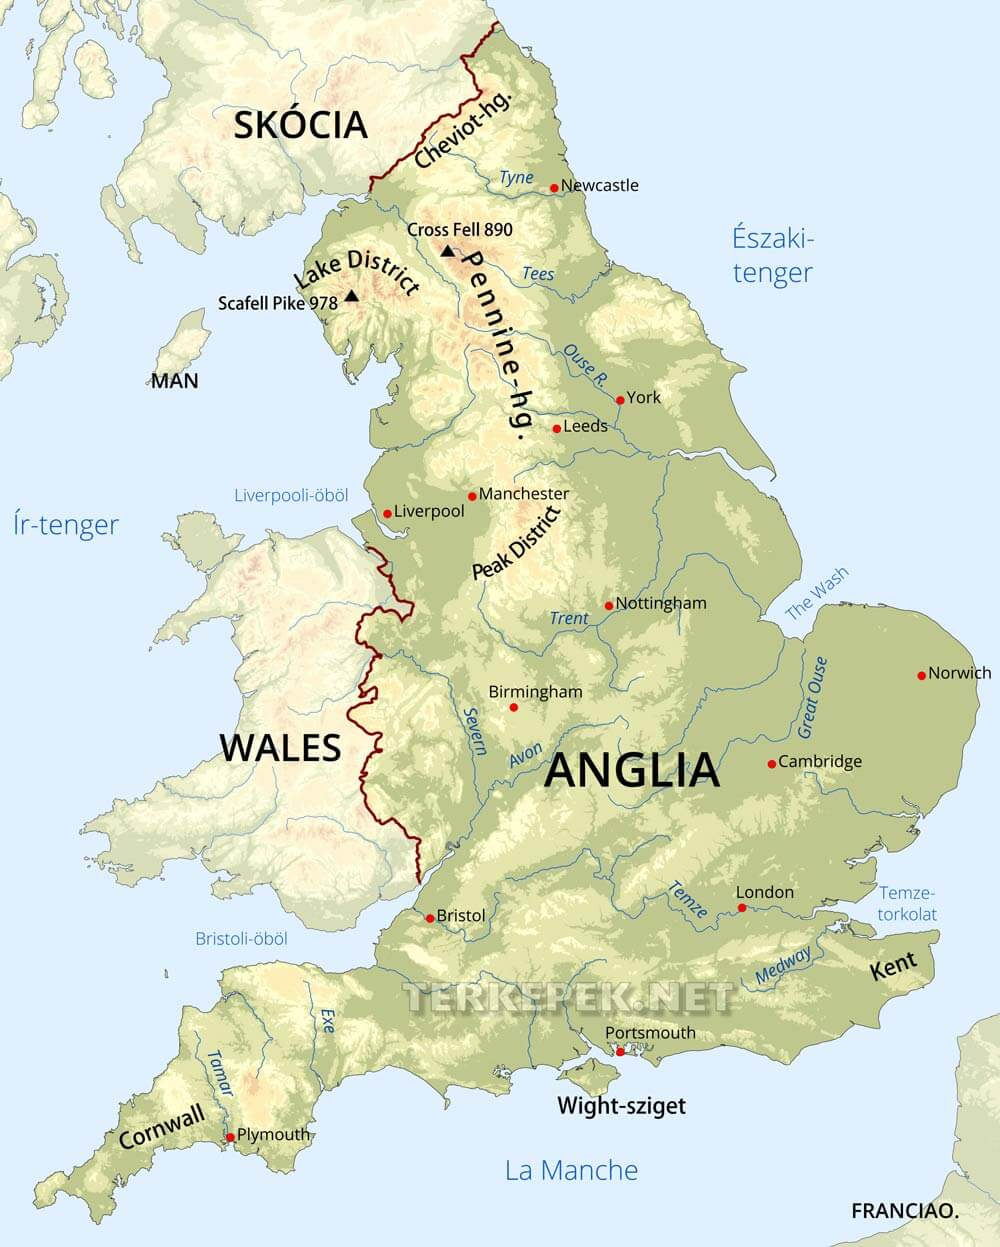 térkép anglia Anglia domborzati térképe térkép anglia